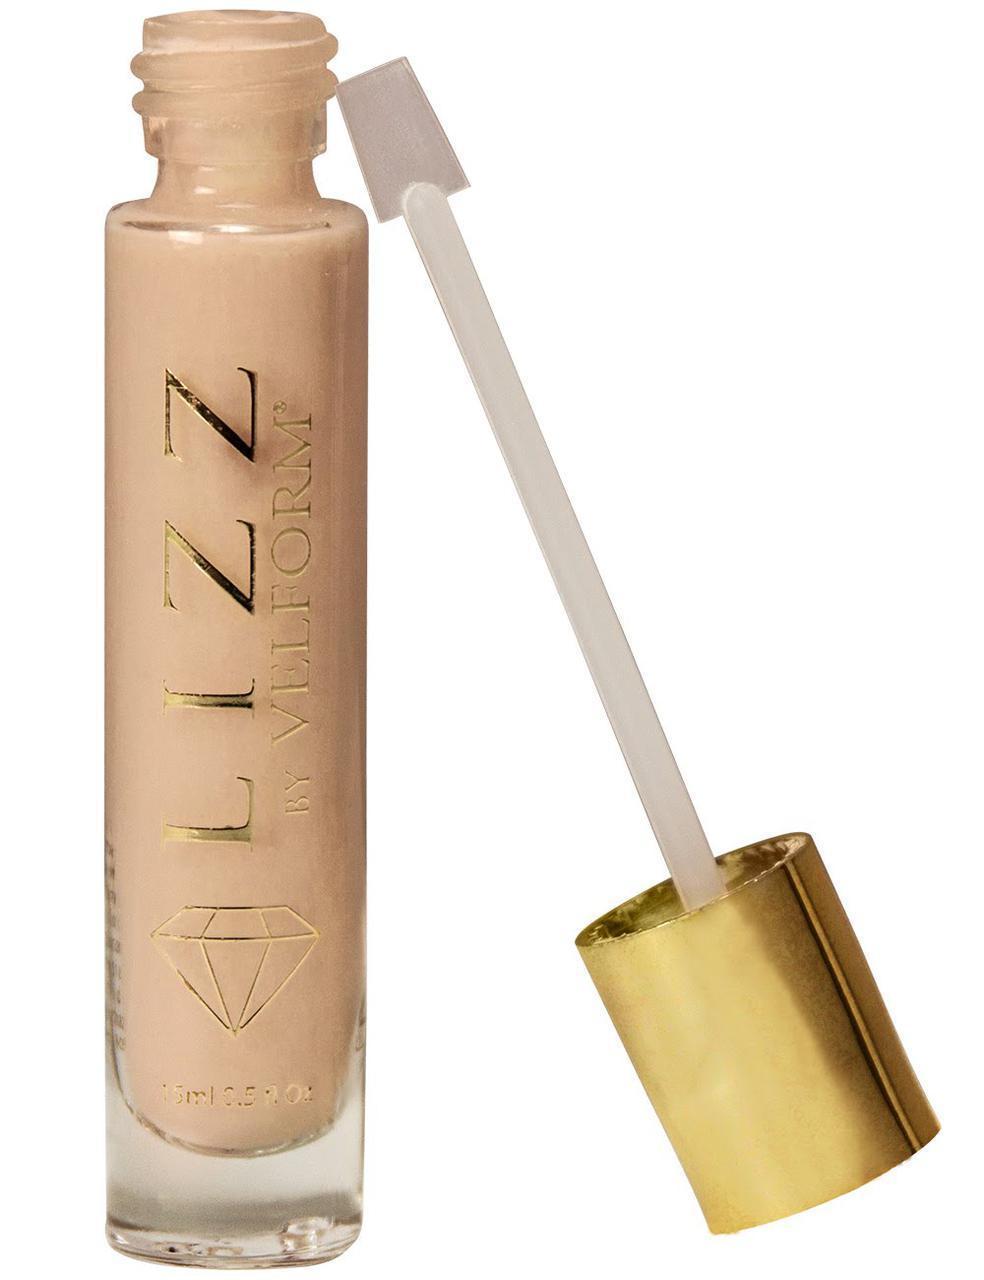 LIZZ (Лизз) - средство от морщин и мешков под глазами